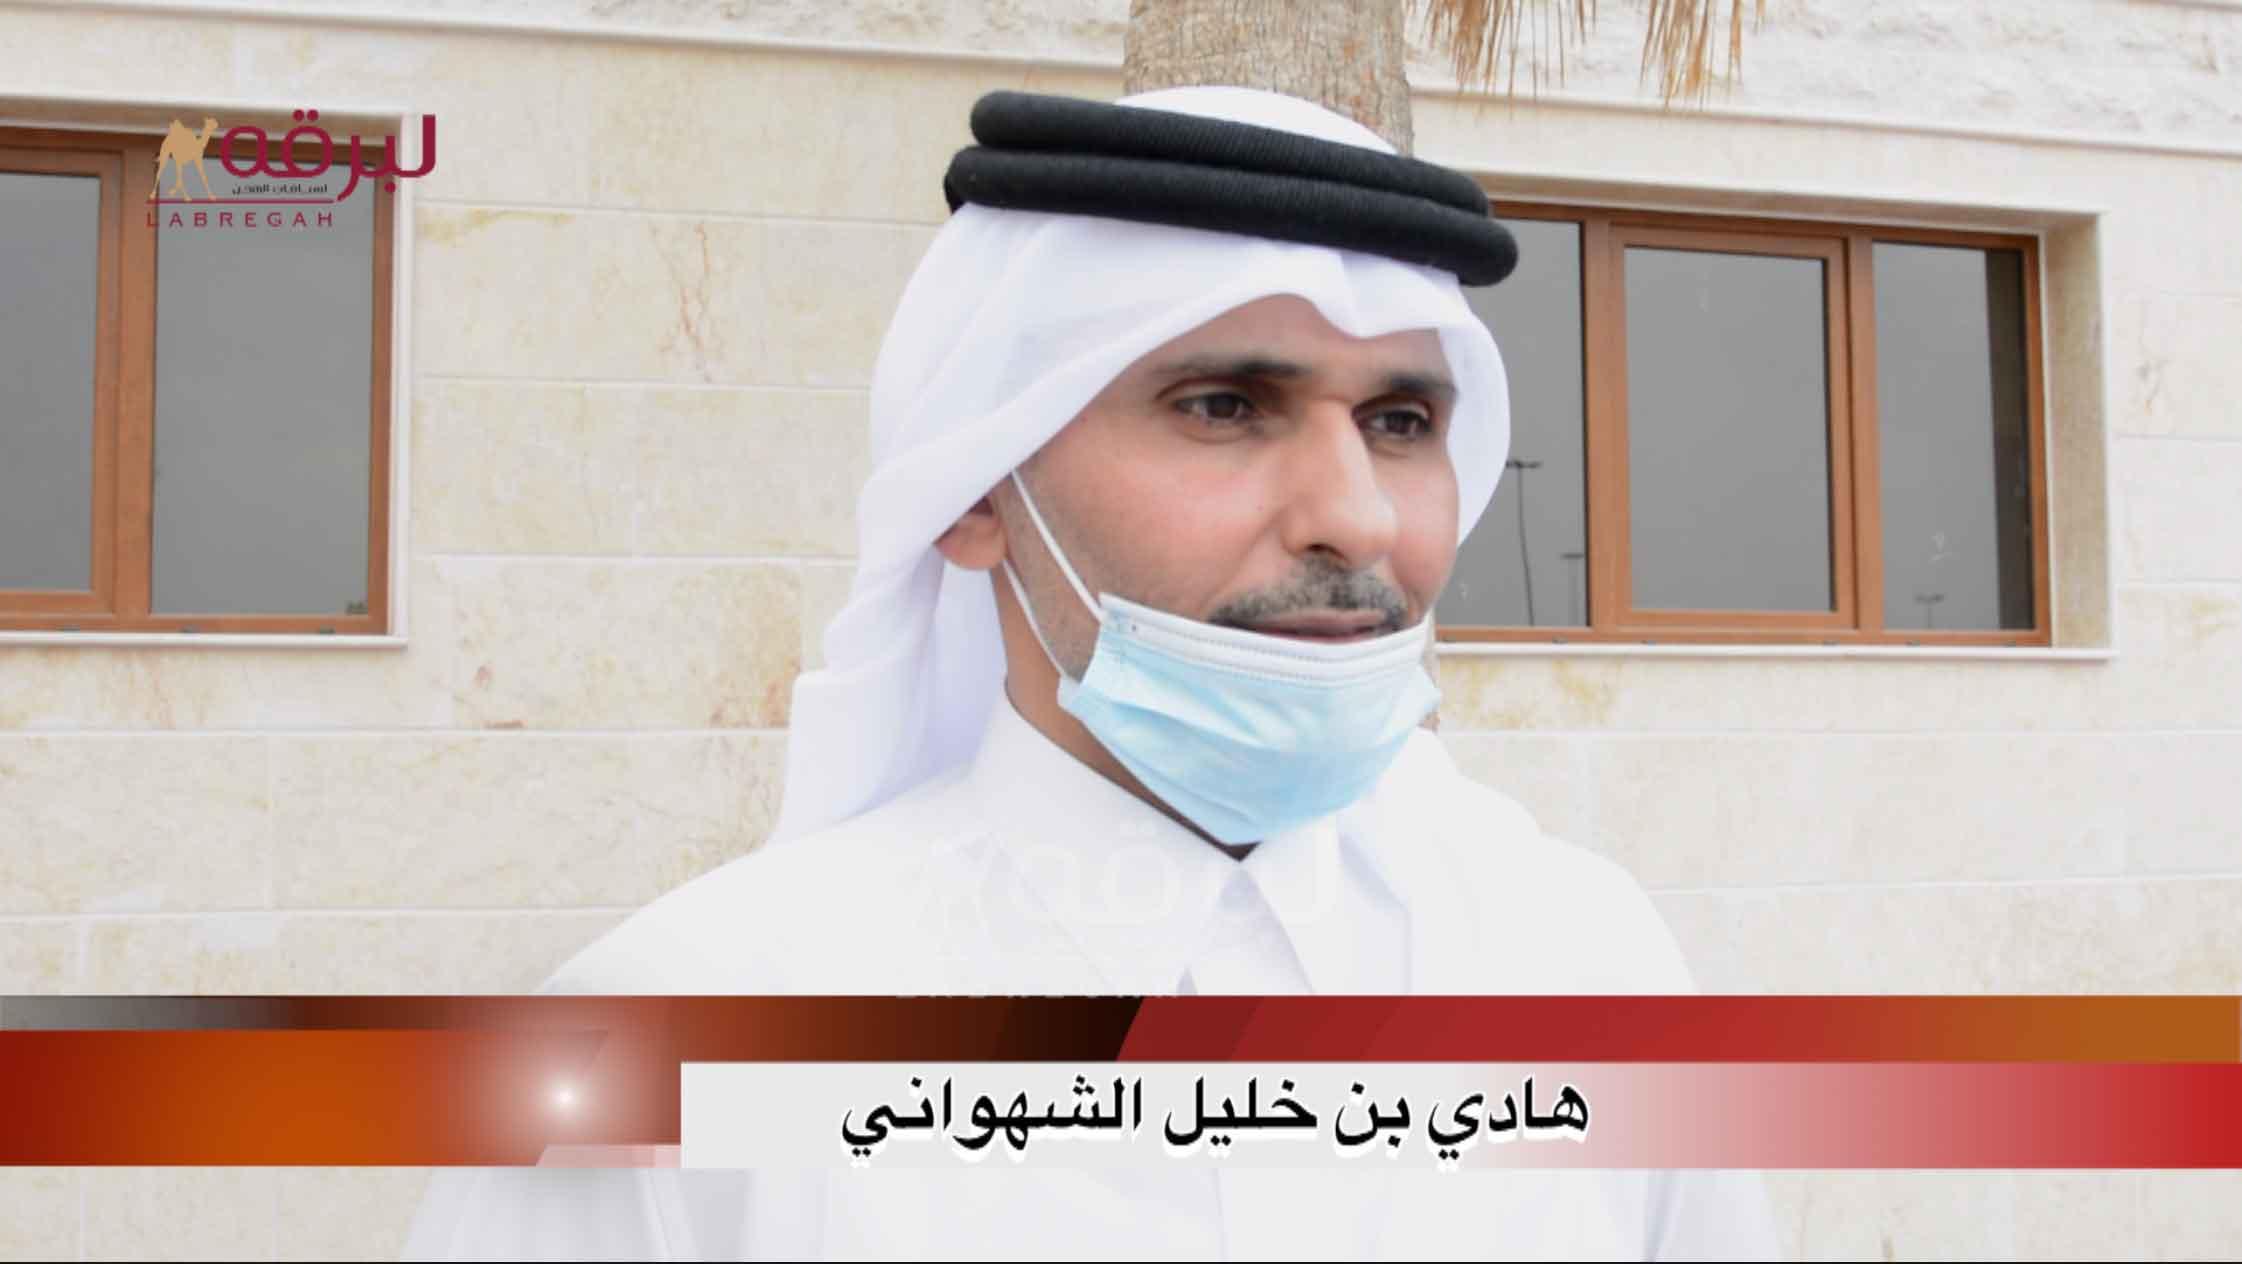 لقاء مع هادي بن خليل الشهواني.. الشلفة الفضية للحقايق بكار « إنتاج » الأشواط العامة  ٢٩-١١-٢٠٢٠